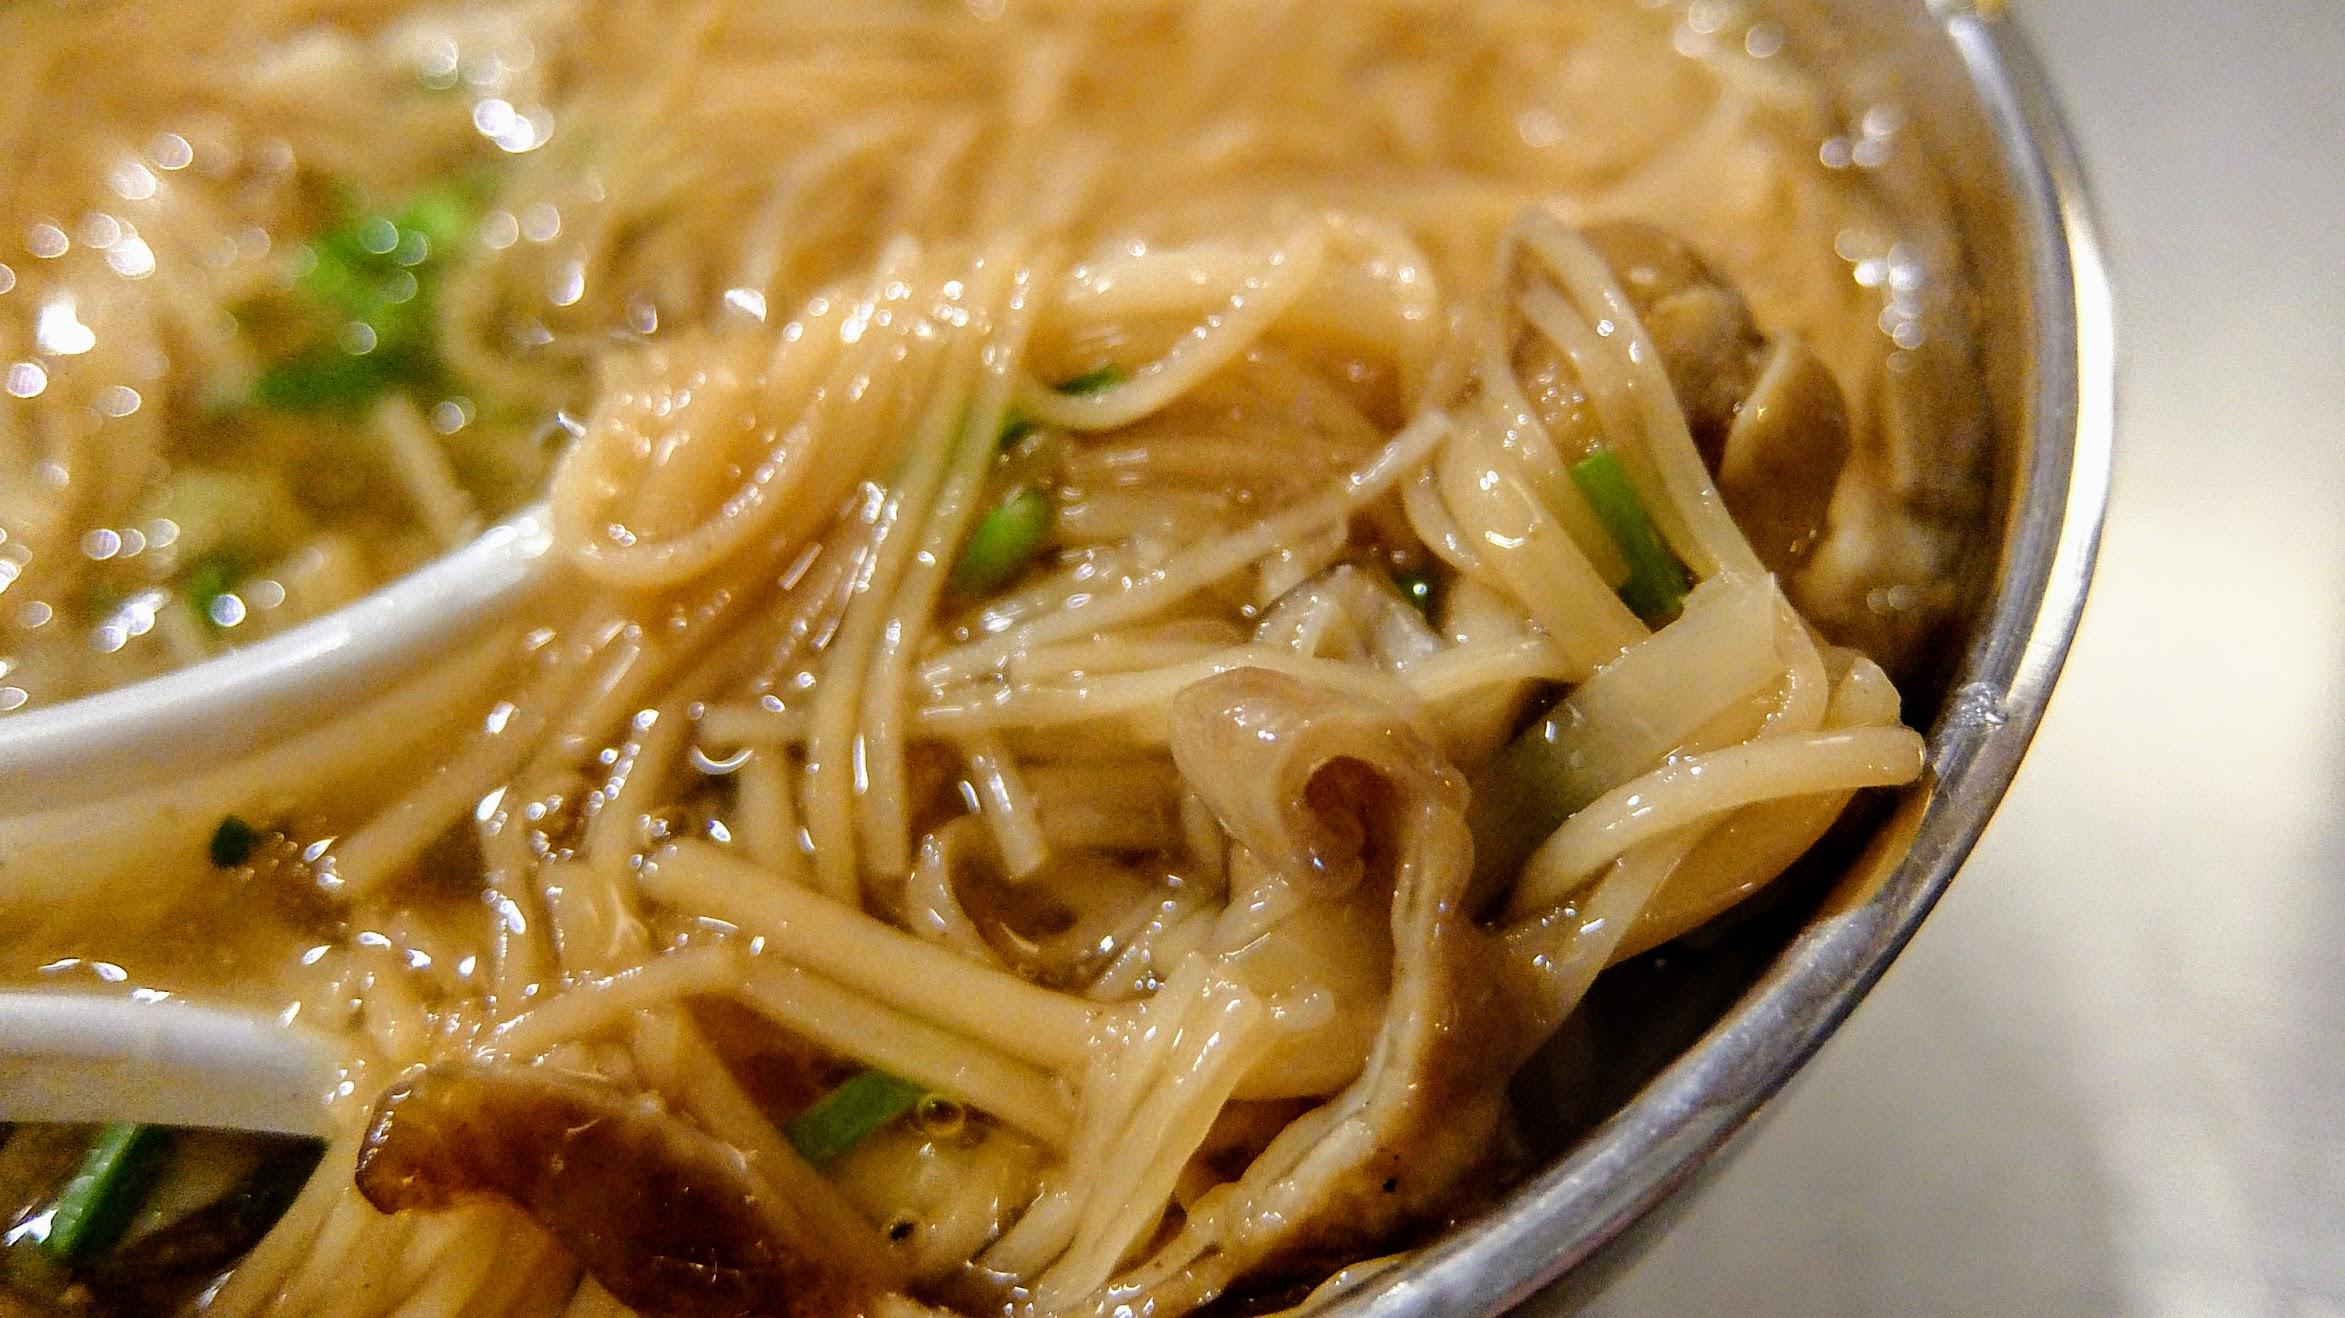 麵線糊裡頭有著一些蘿蔔絲喔! 還蠻特別的,湯頭的話...不是甜湯頭那種,比較像柴魚湯頭? 對我而言,湯頭味道較淡一些